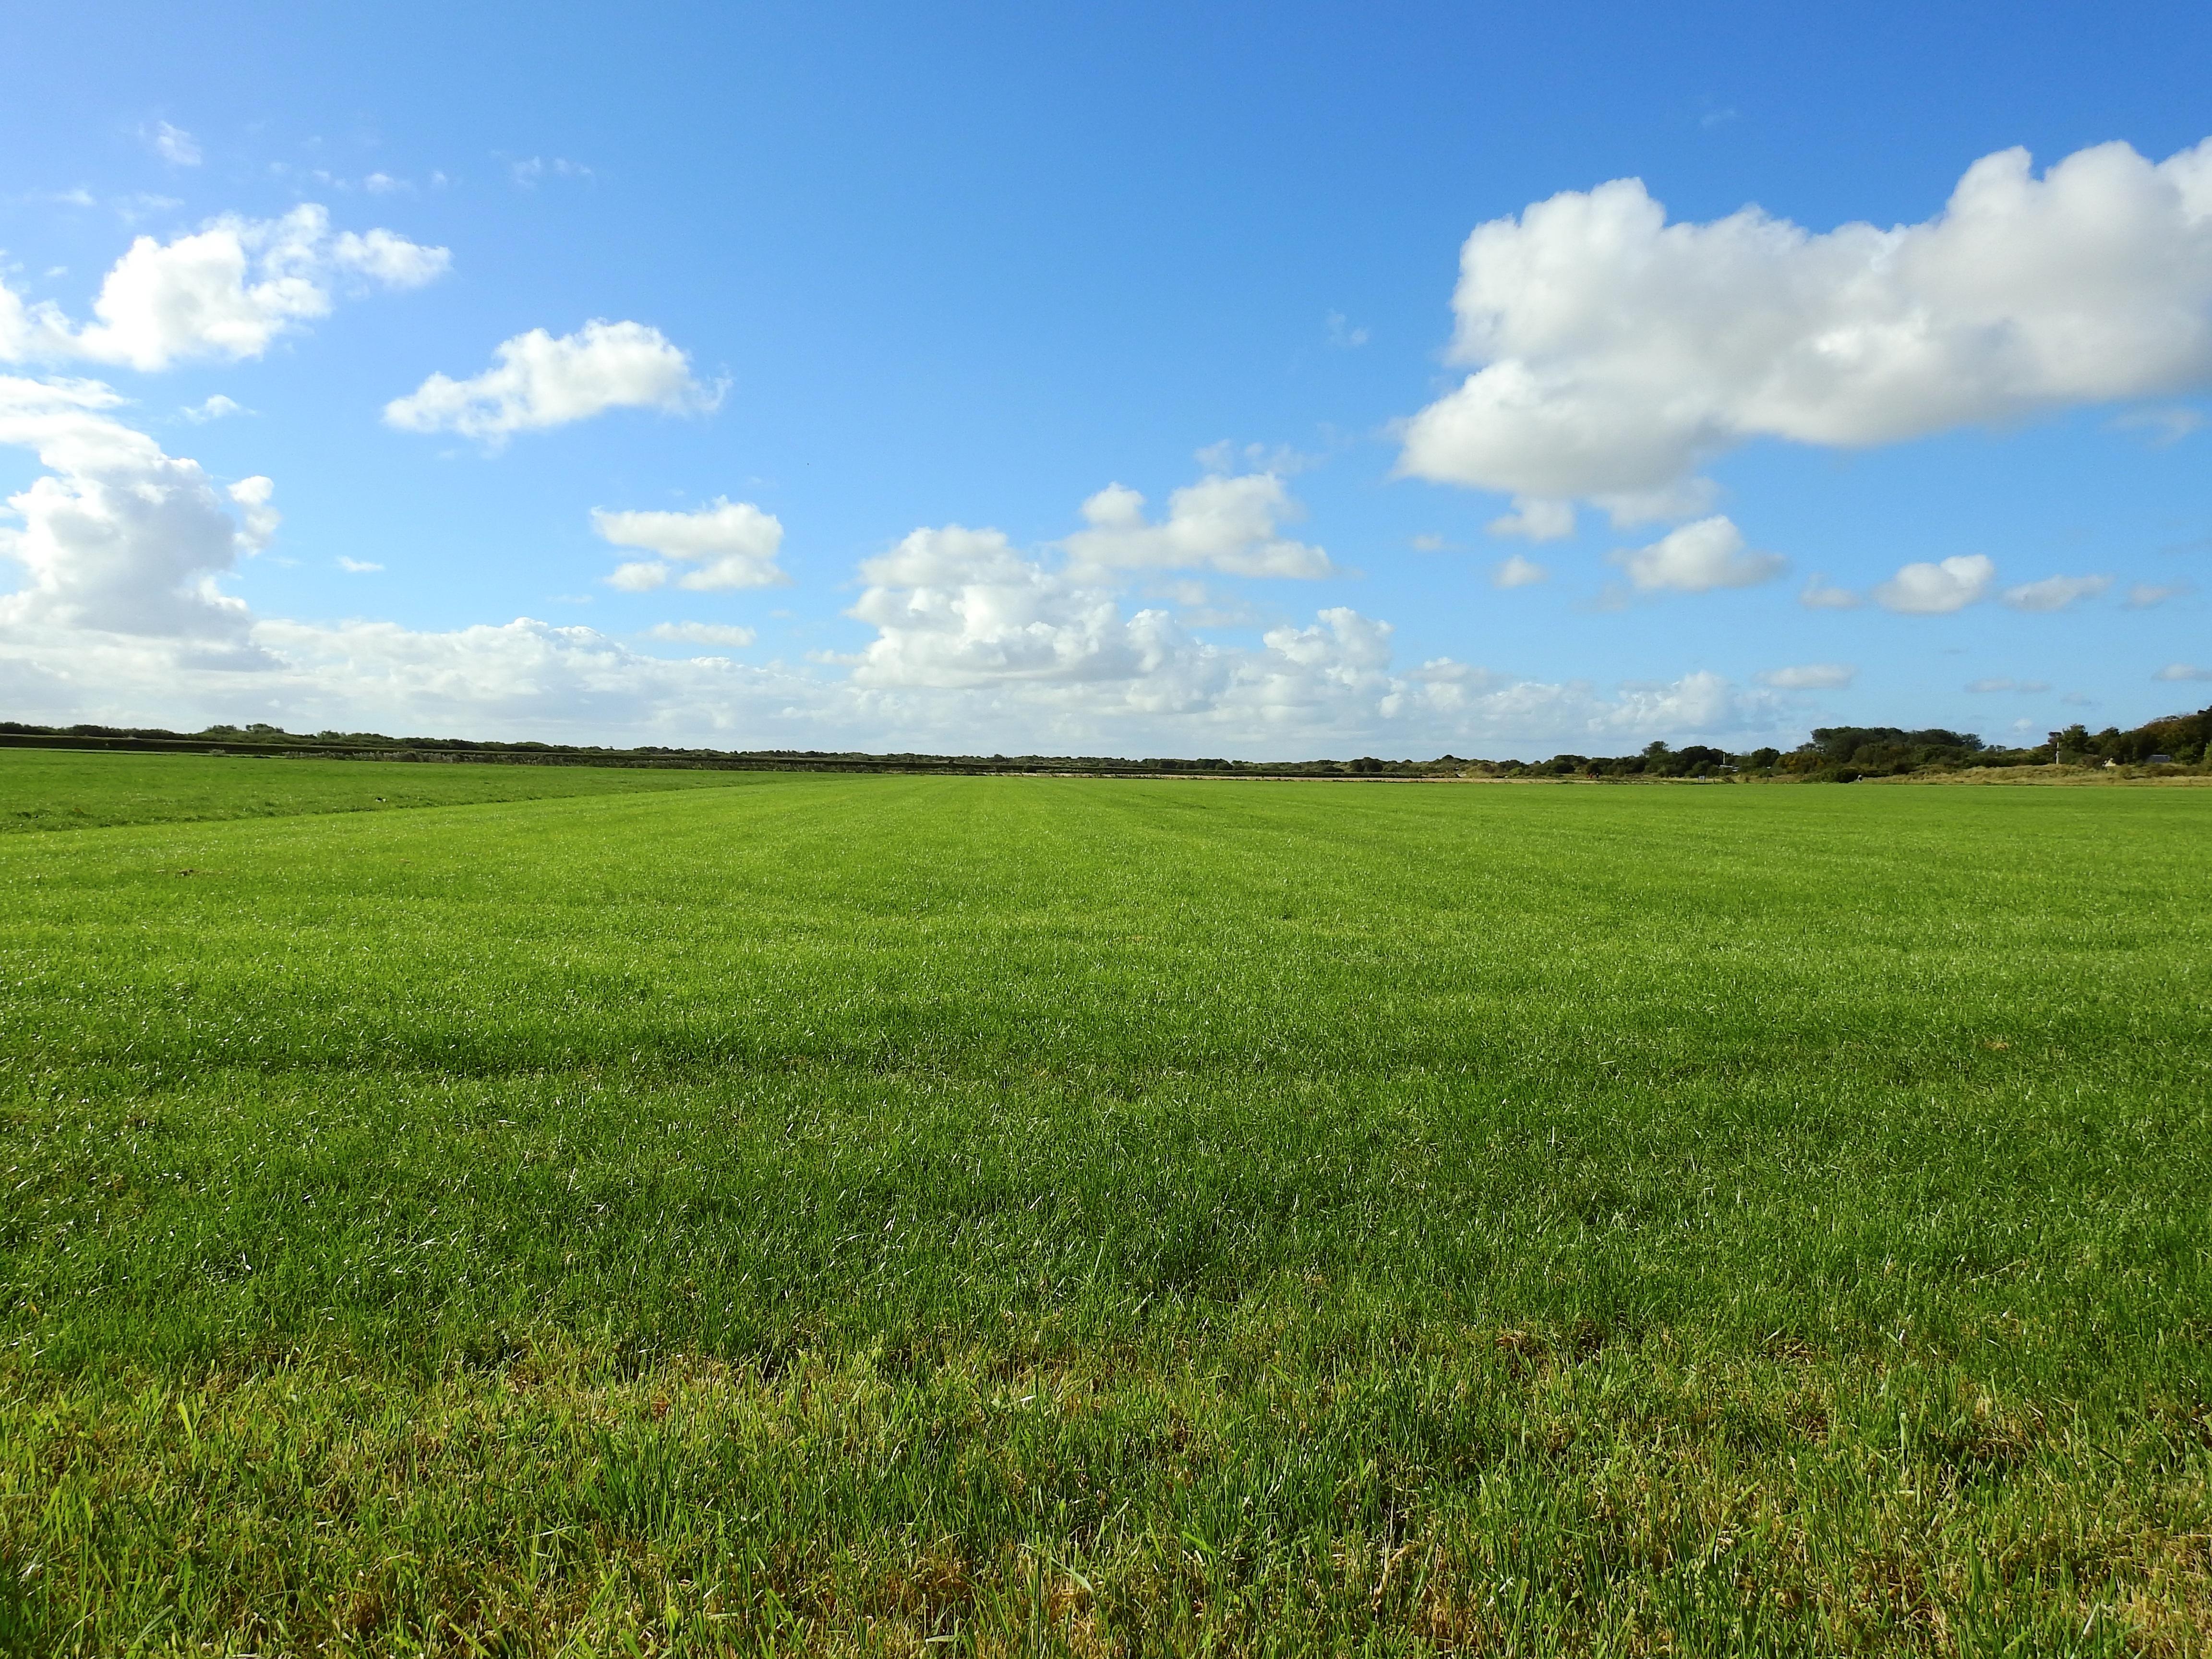 Картинки поле с горизонтом угол